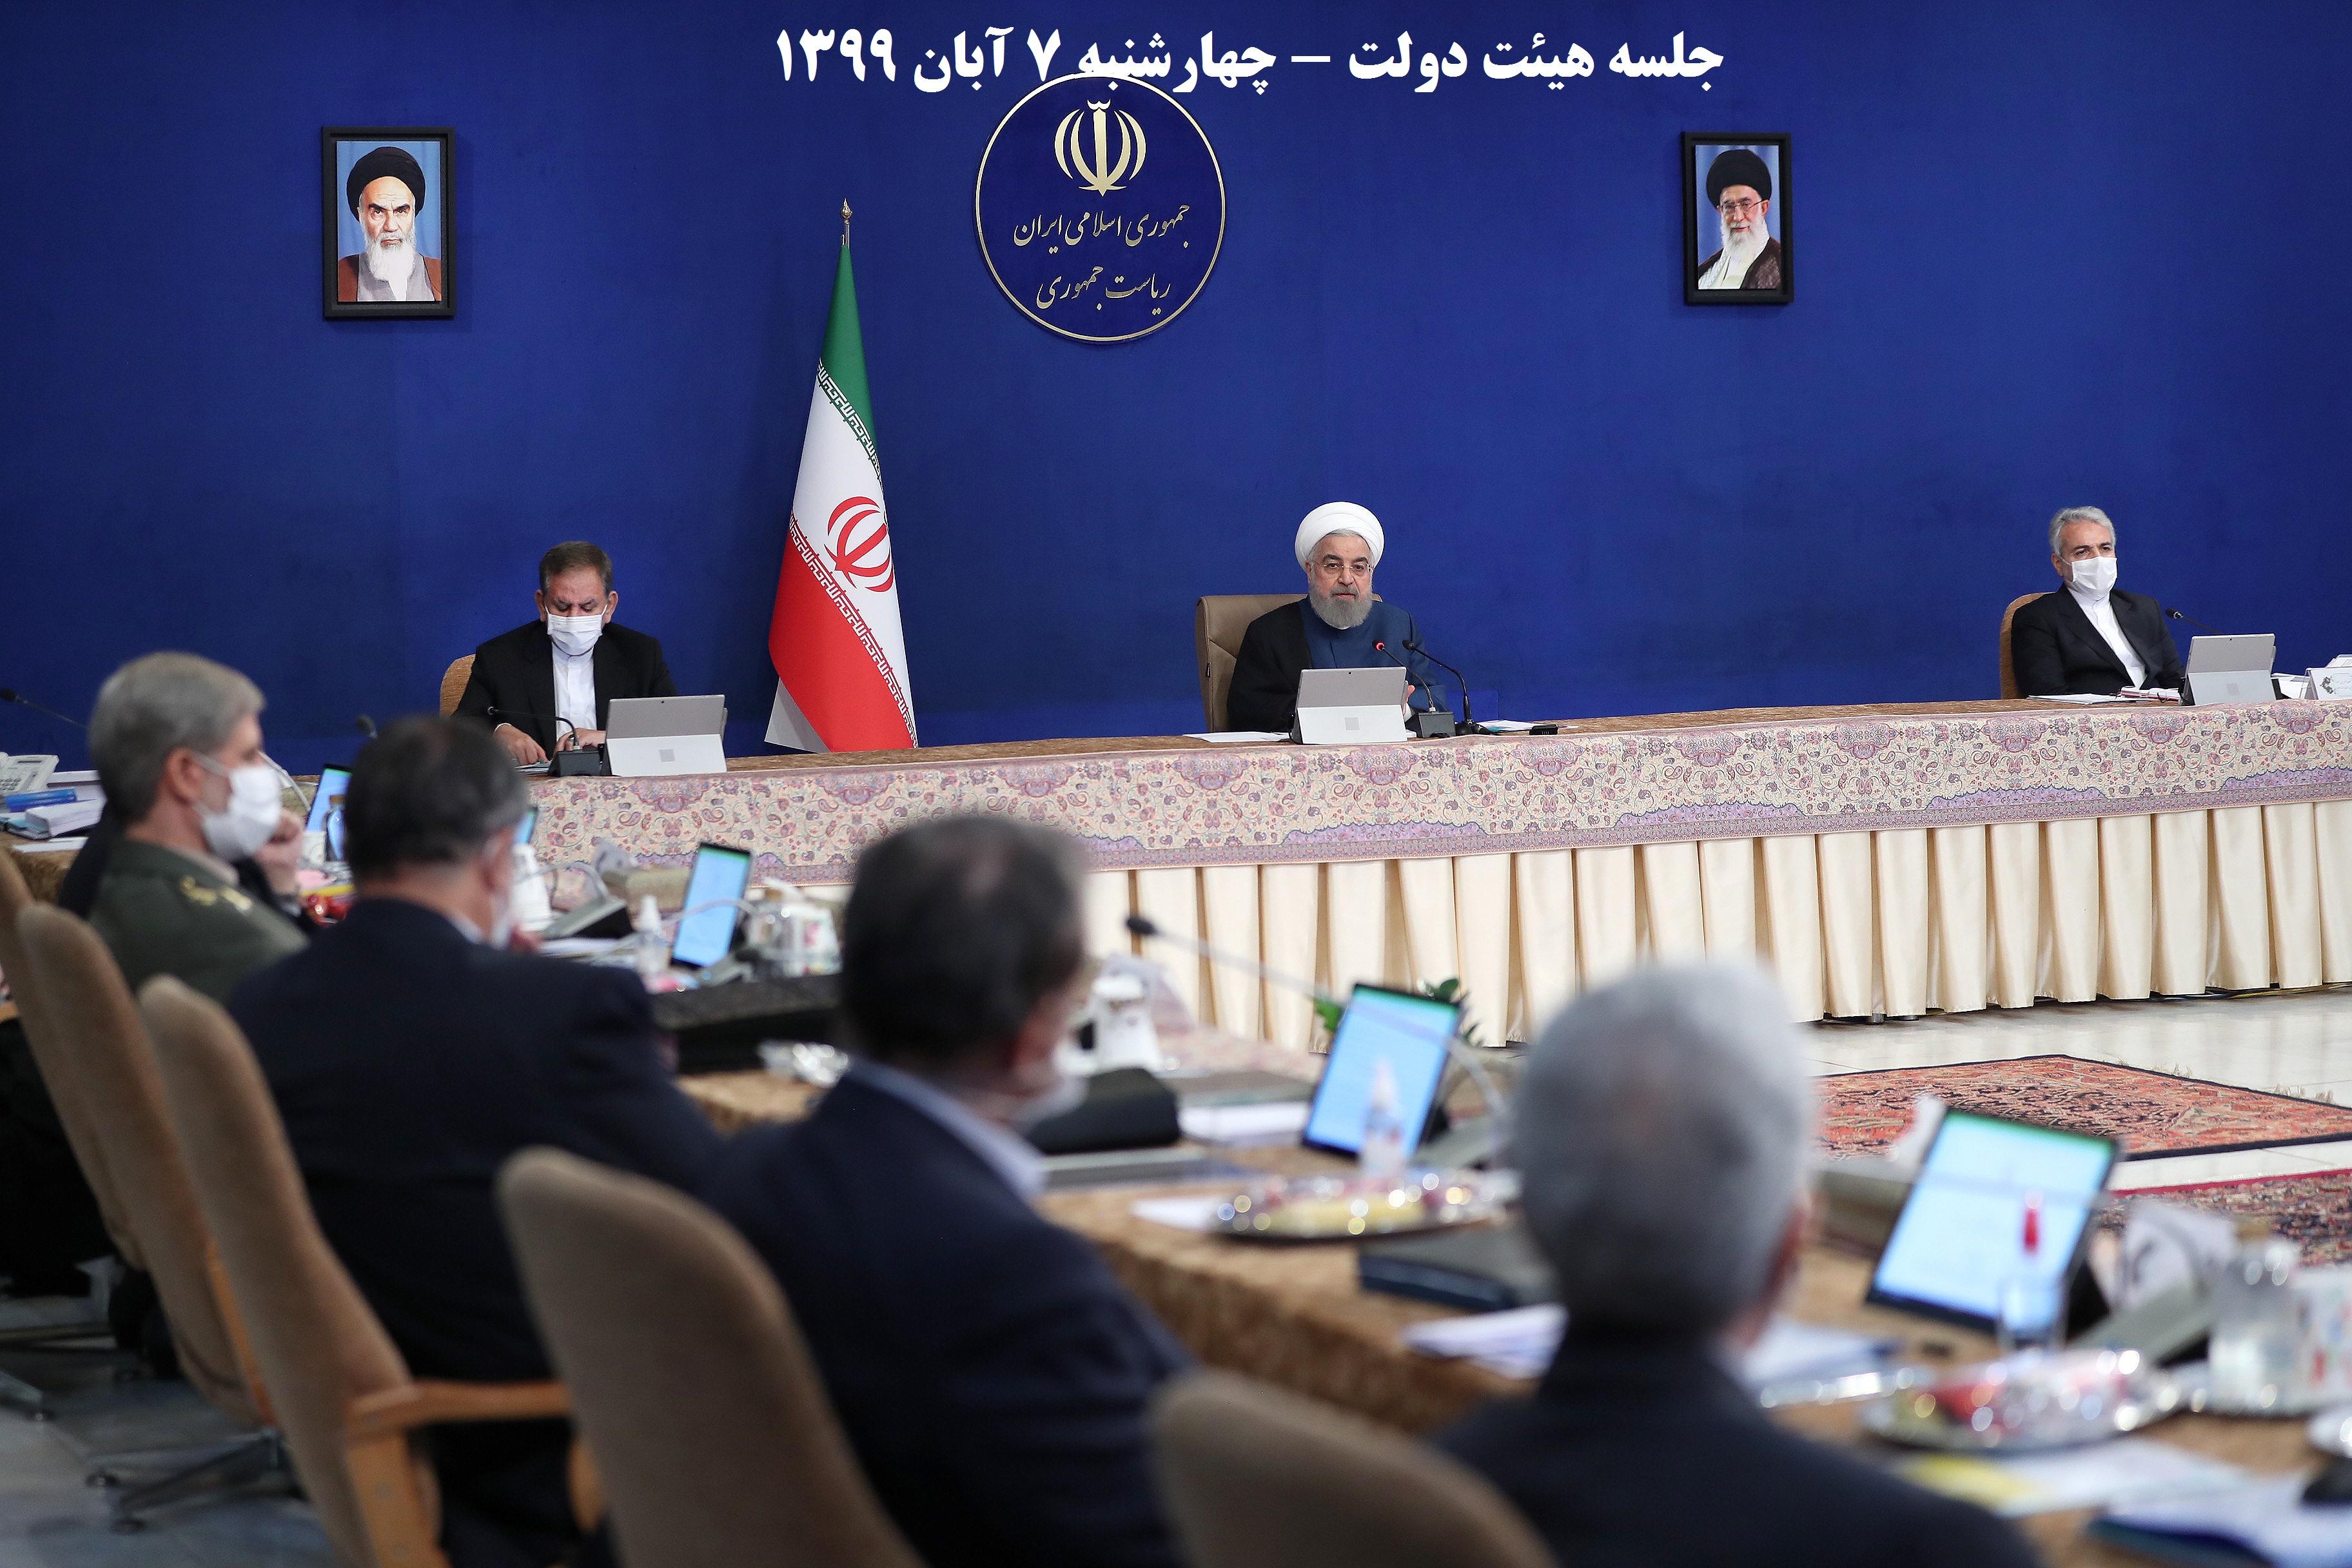 تصمیمات دولت برای رفع آلودگی های محیط زیستی ناشی از صنایع مستقر در منطقه ویژه اقتصادی انرژی پارس